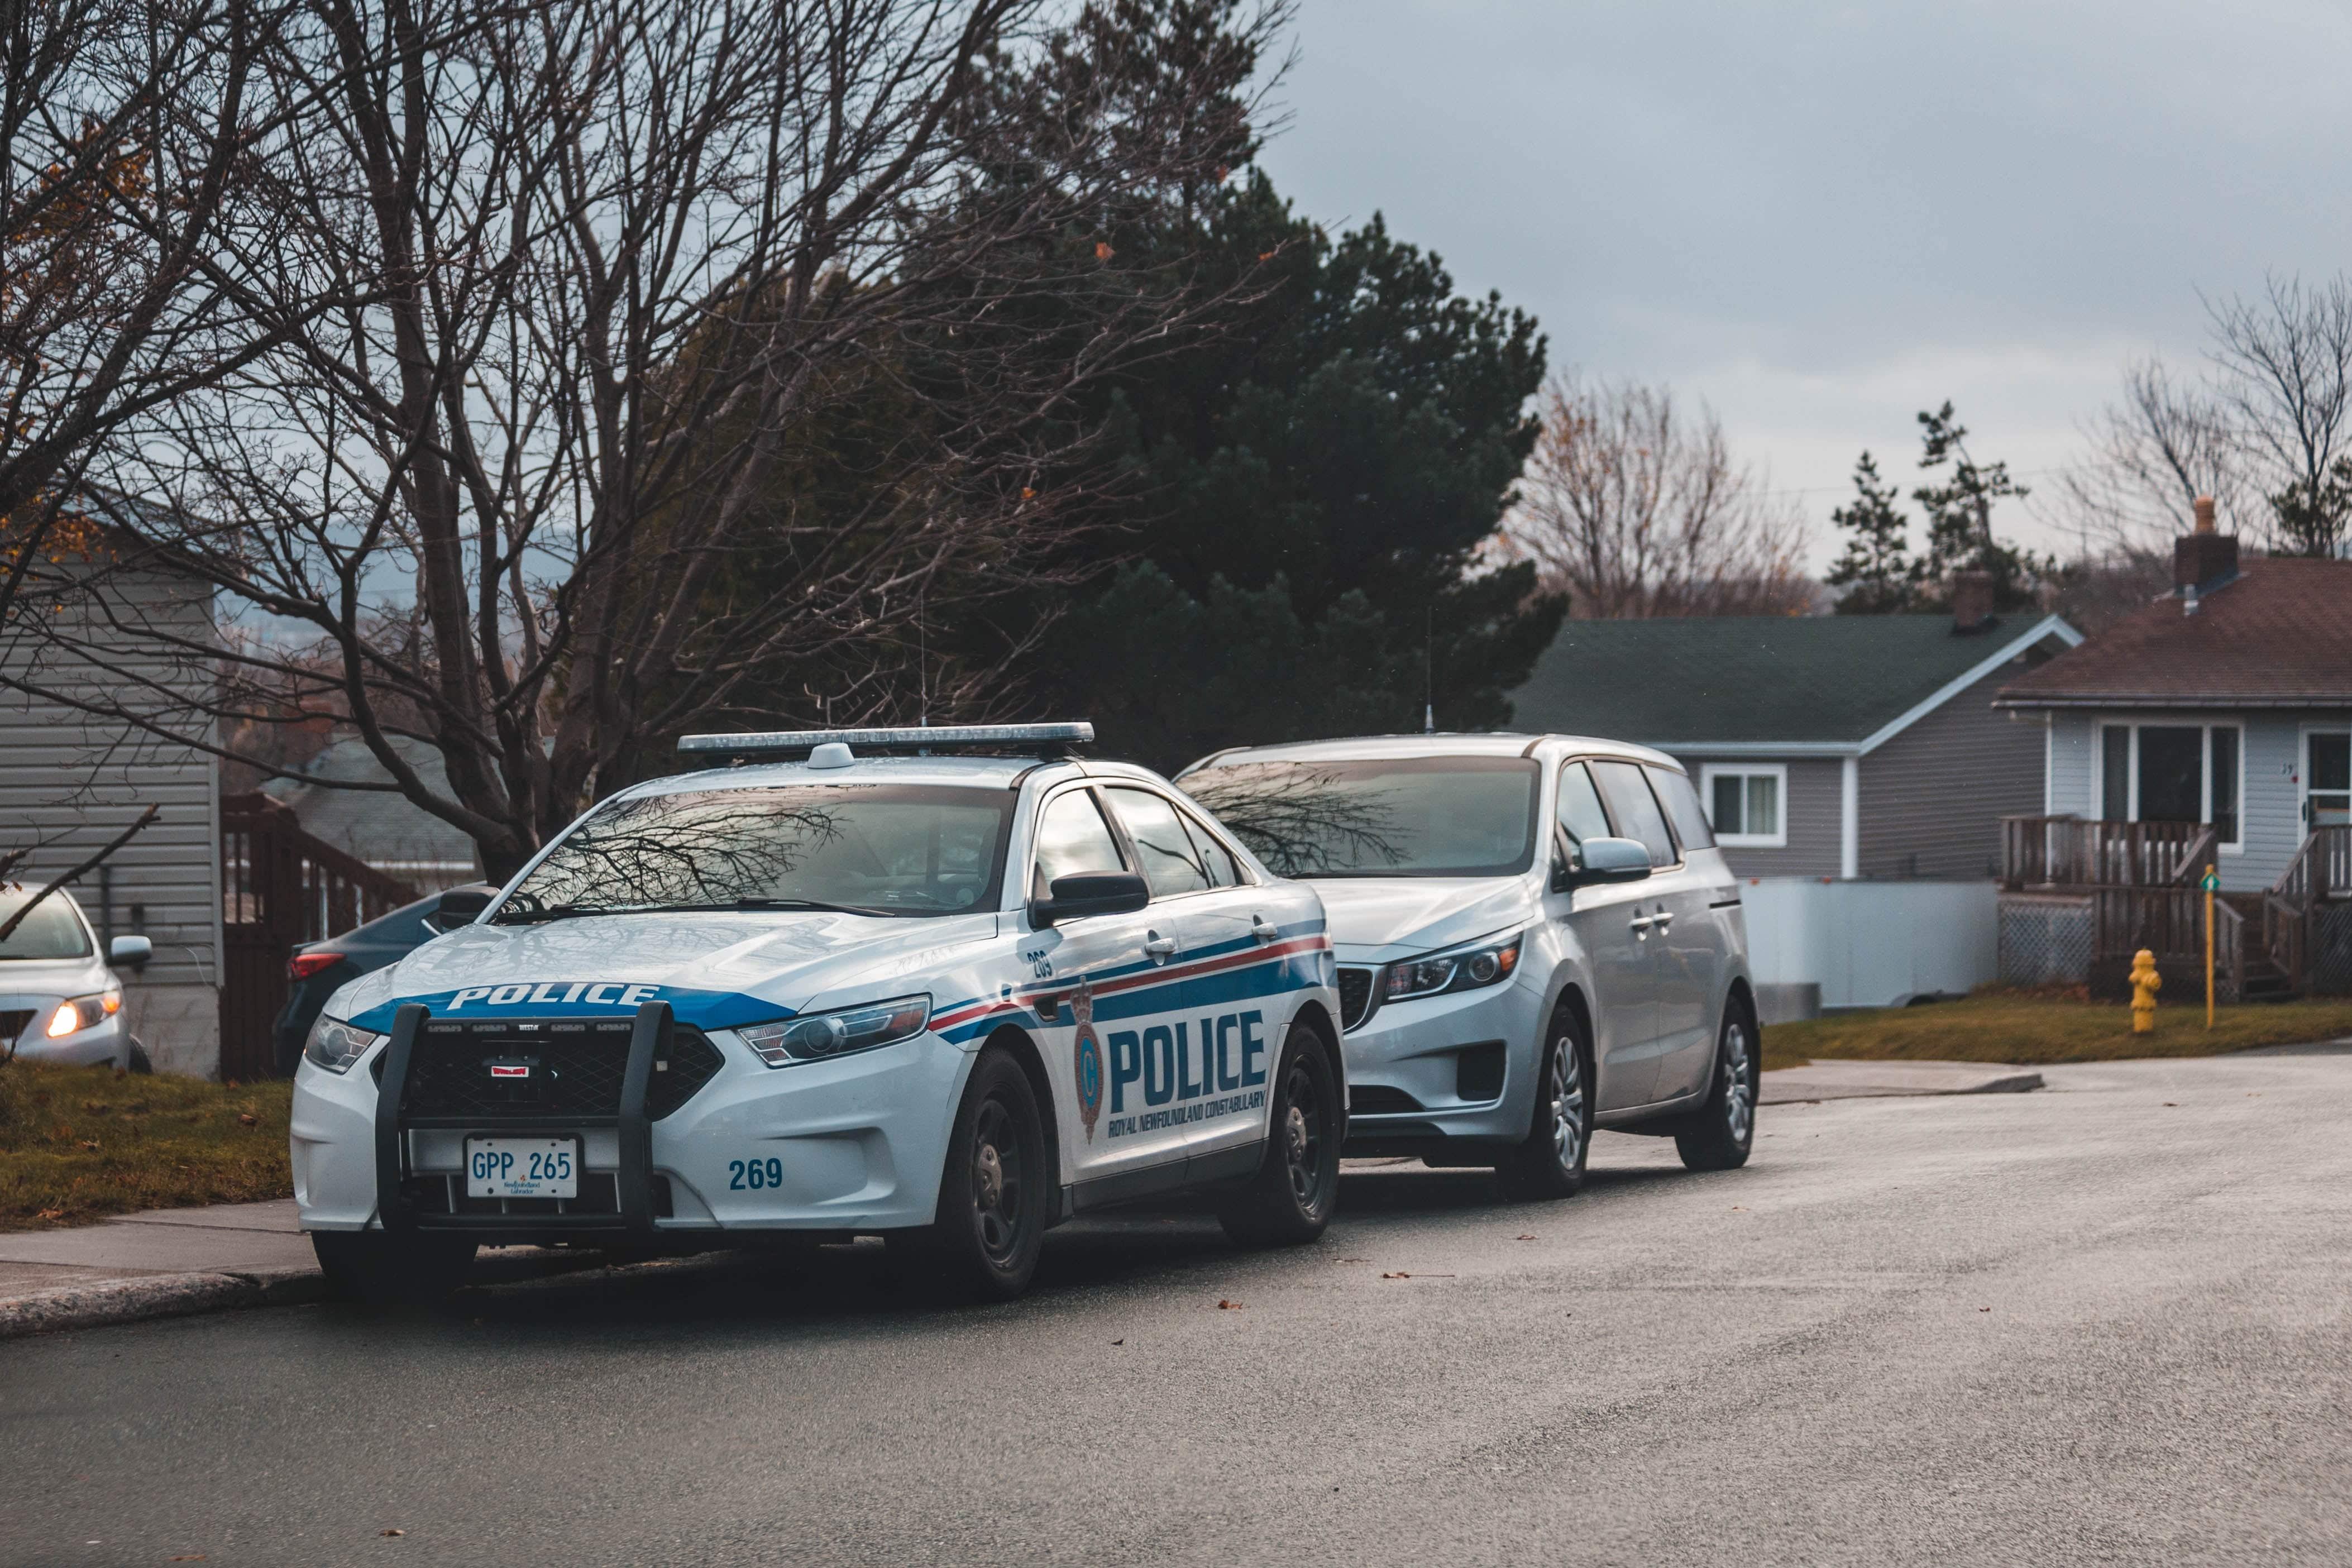 Nación Cannabis | Florida: Policía utiliza pruebas de laboratorio para delitos sobre cannabis